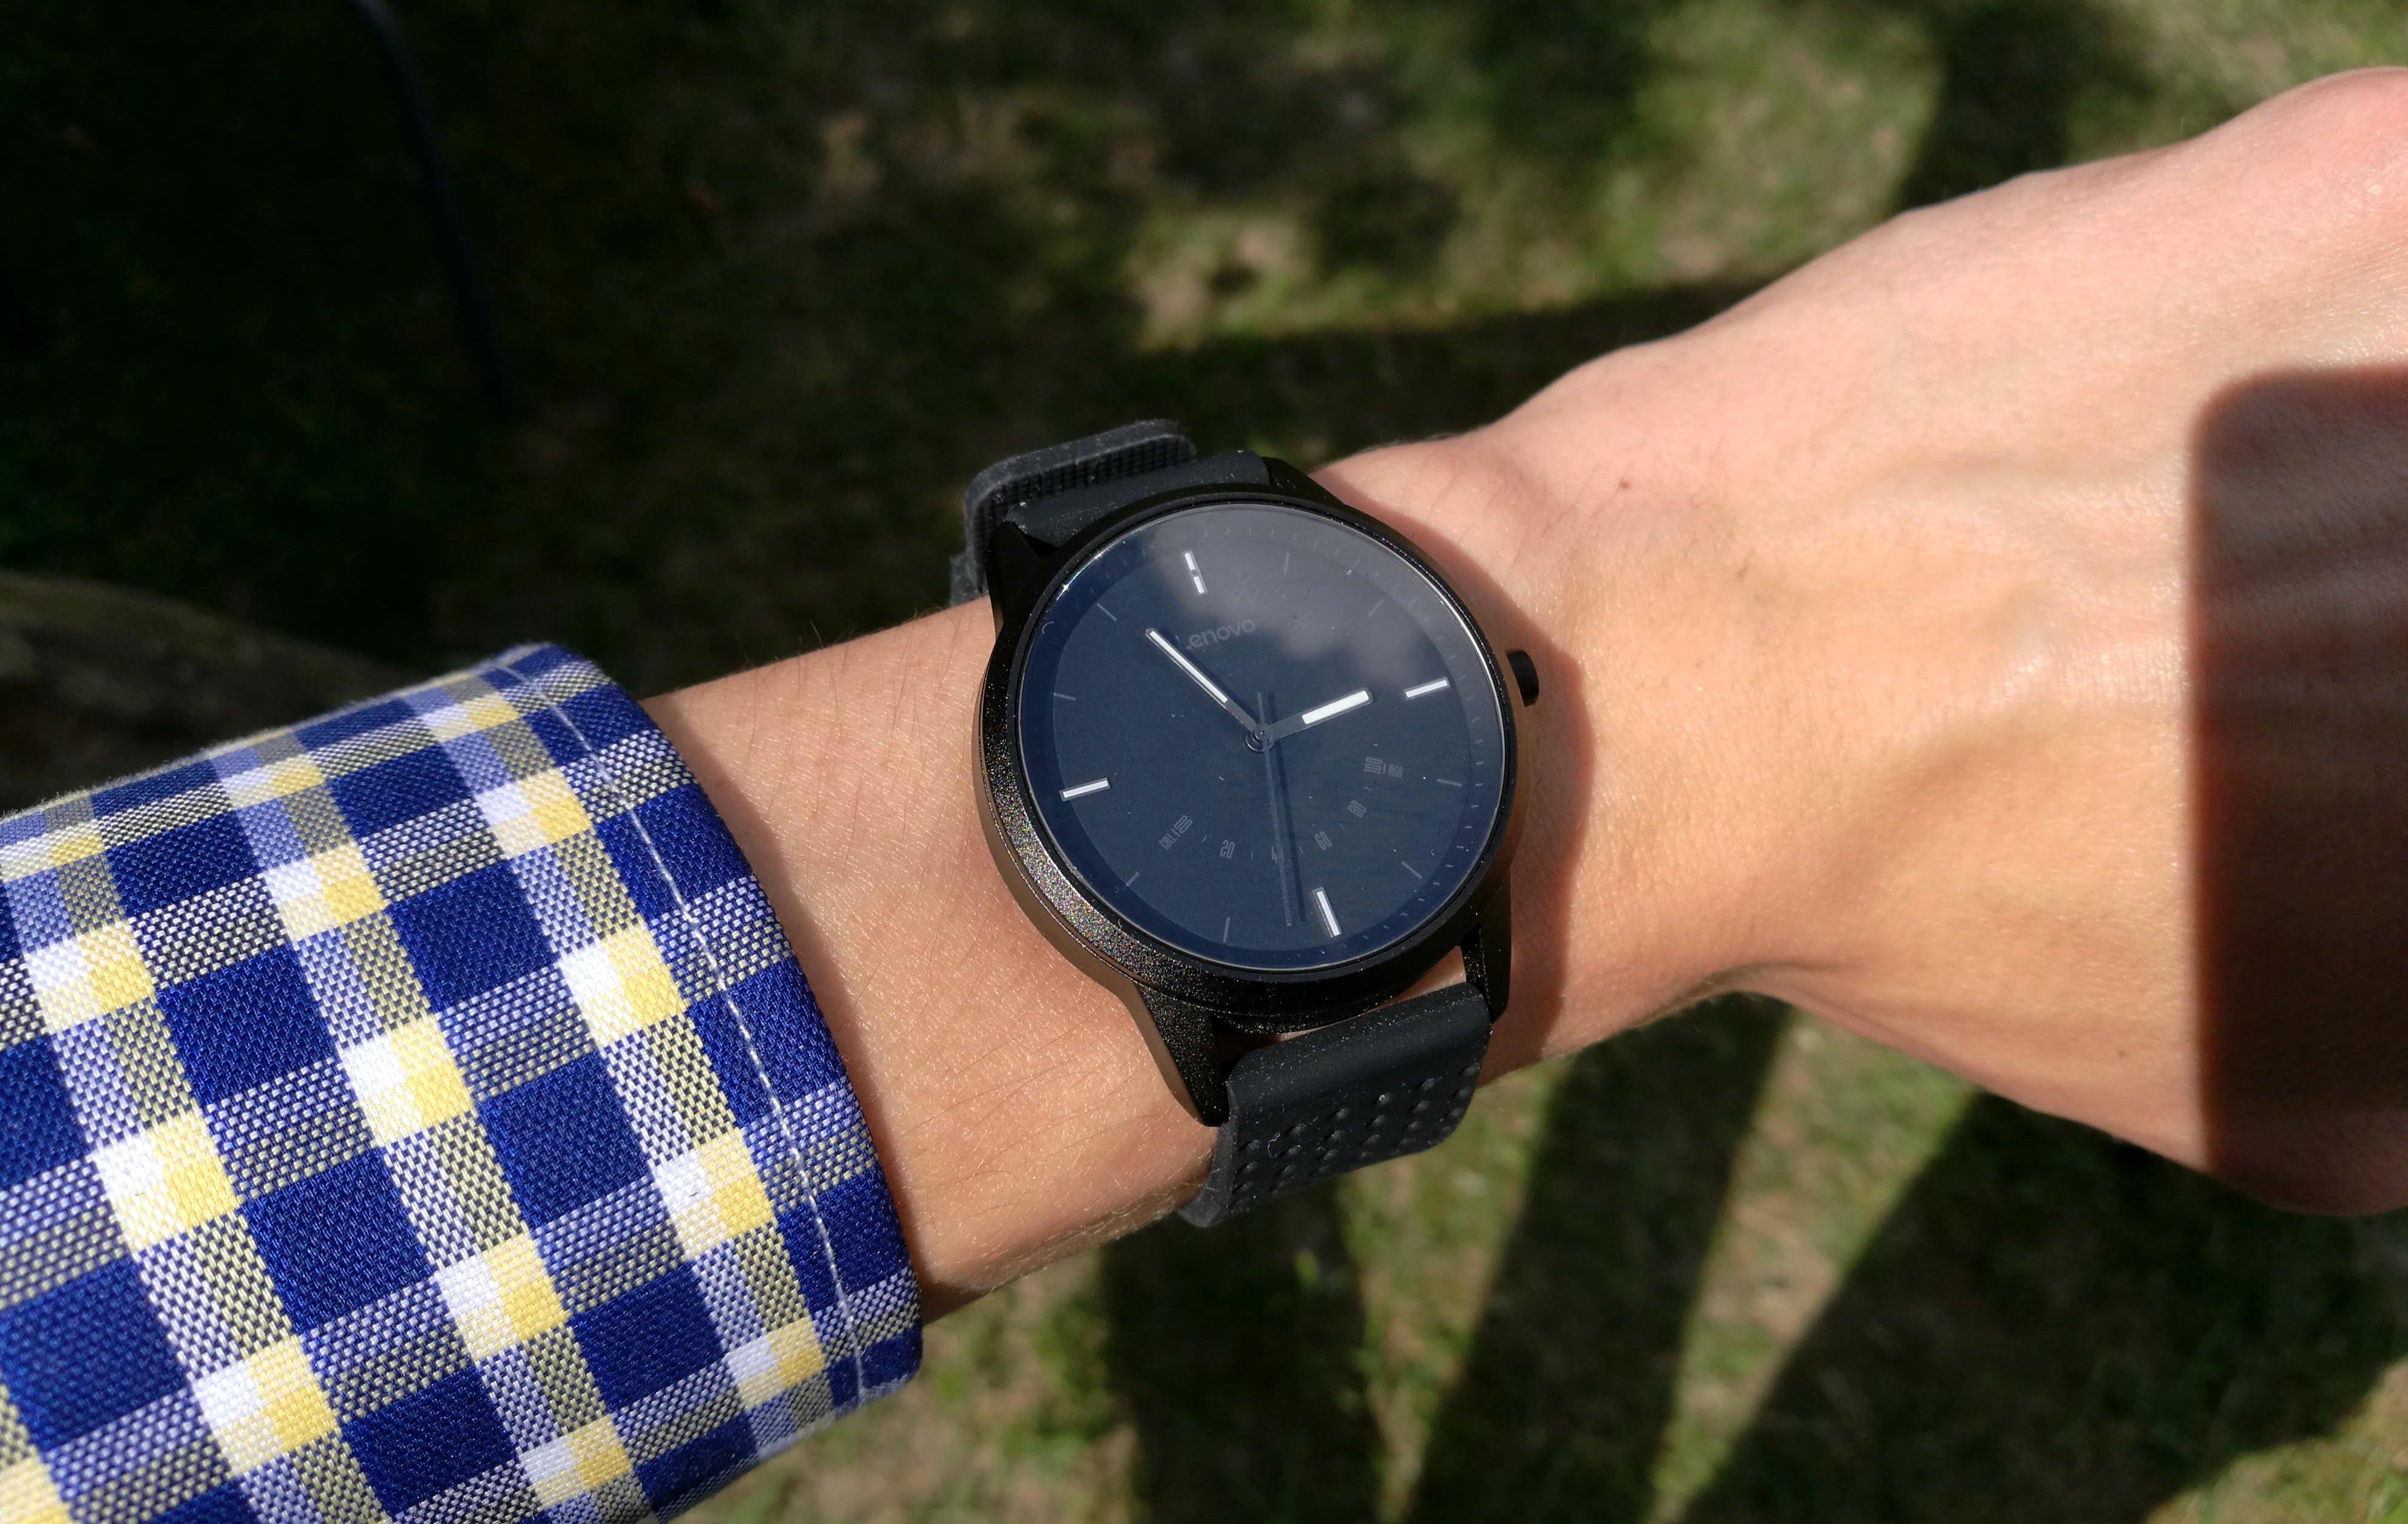 Inteligentny zegarek Lenovo Watch 9 dzięki tej aplikacji staje się znacznie bardziej użyteczny 20